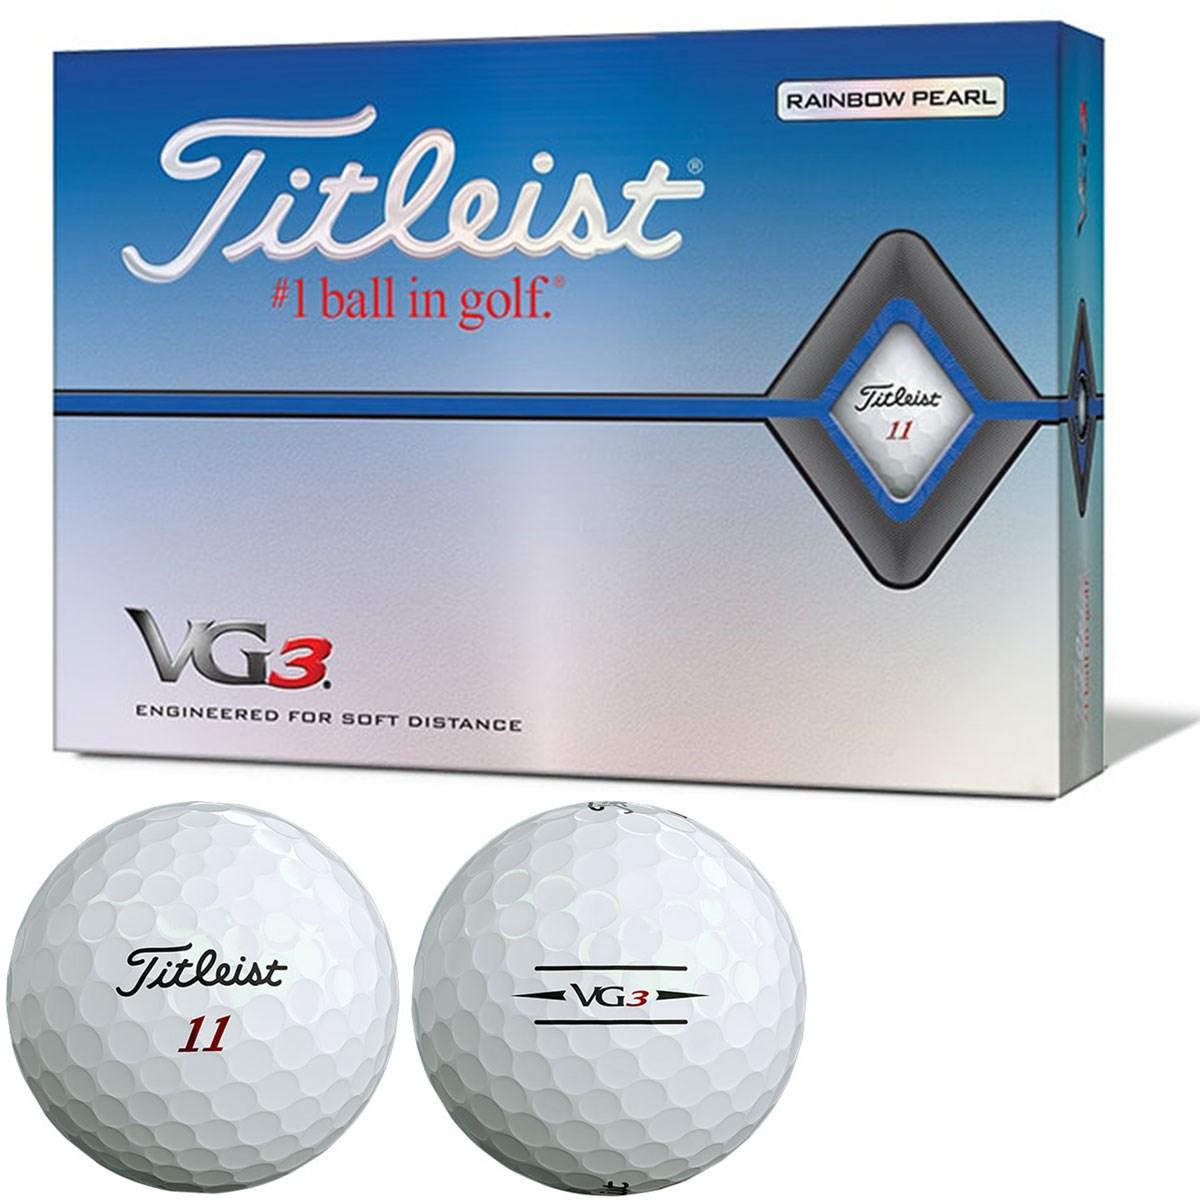 タイトリスト VG3 VG3ボール 2020年モデル 1ダース(12個入り) レインボーパール(ホワイト)